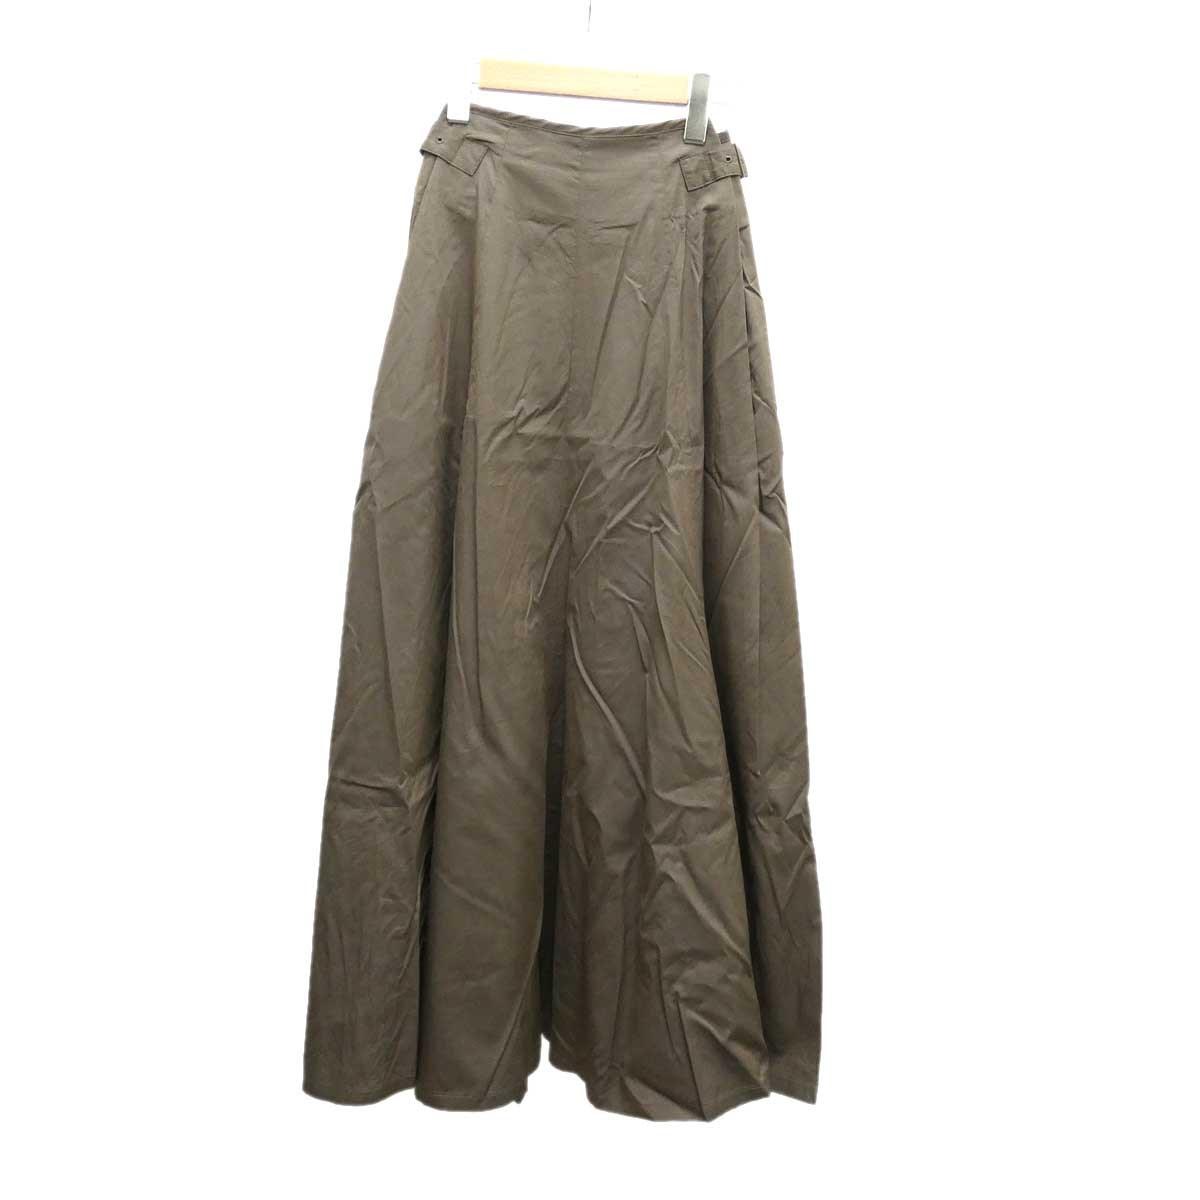 【中古】GALERIE VIE コットンシルクサイドタックスカート 2018SS カーキ サイズ:32 【241019】(ギャルリーヴィー)